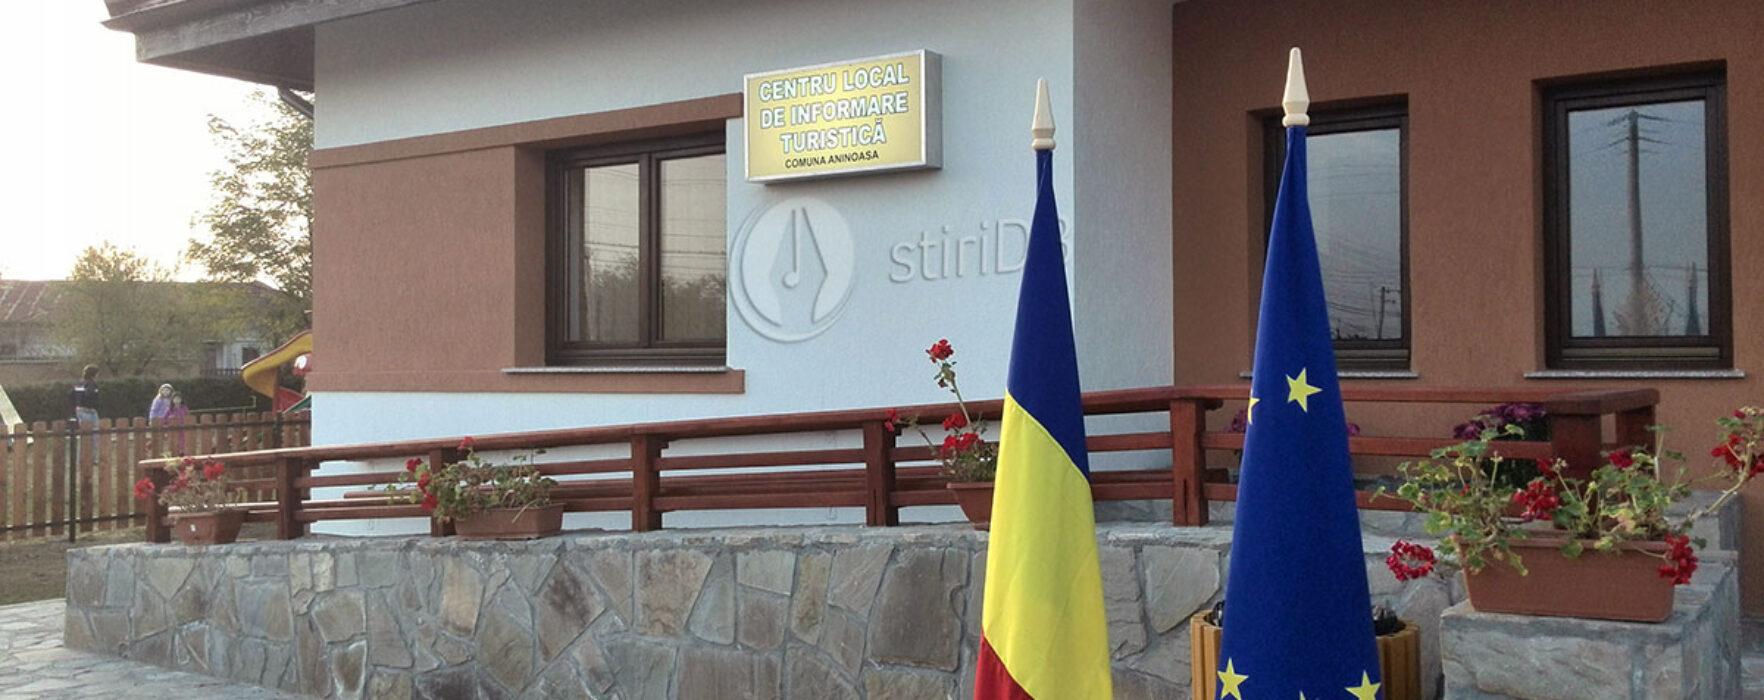 Centru de informare turistică, realizat cu bani europeni la Aninoasa